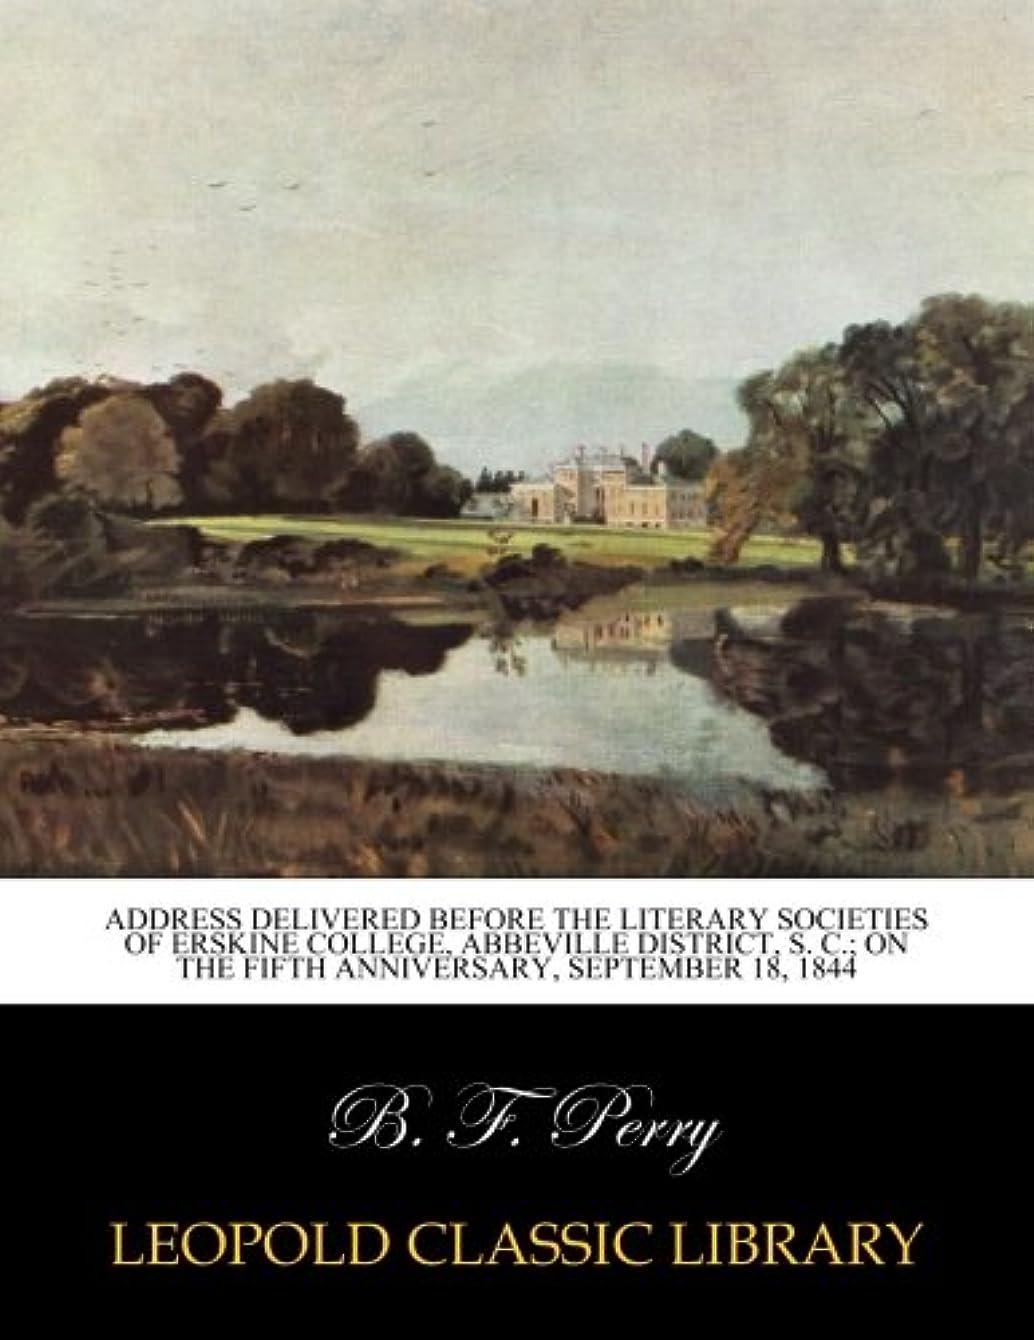 想定ズーム禁止するAddress delivered before the literary societies of Erskine College, Abbeville district, S. C.; on the fifth anniversary, September 18, 1844